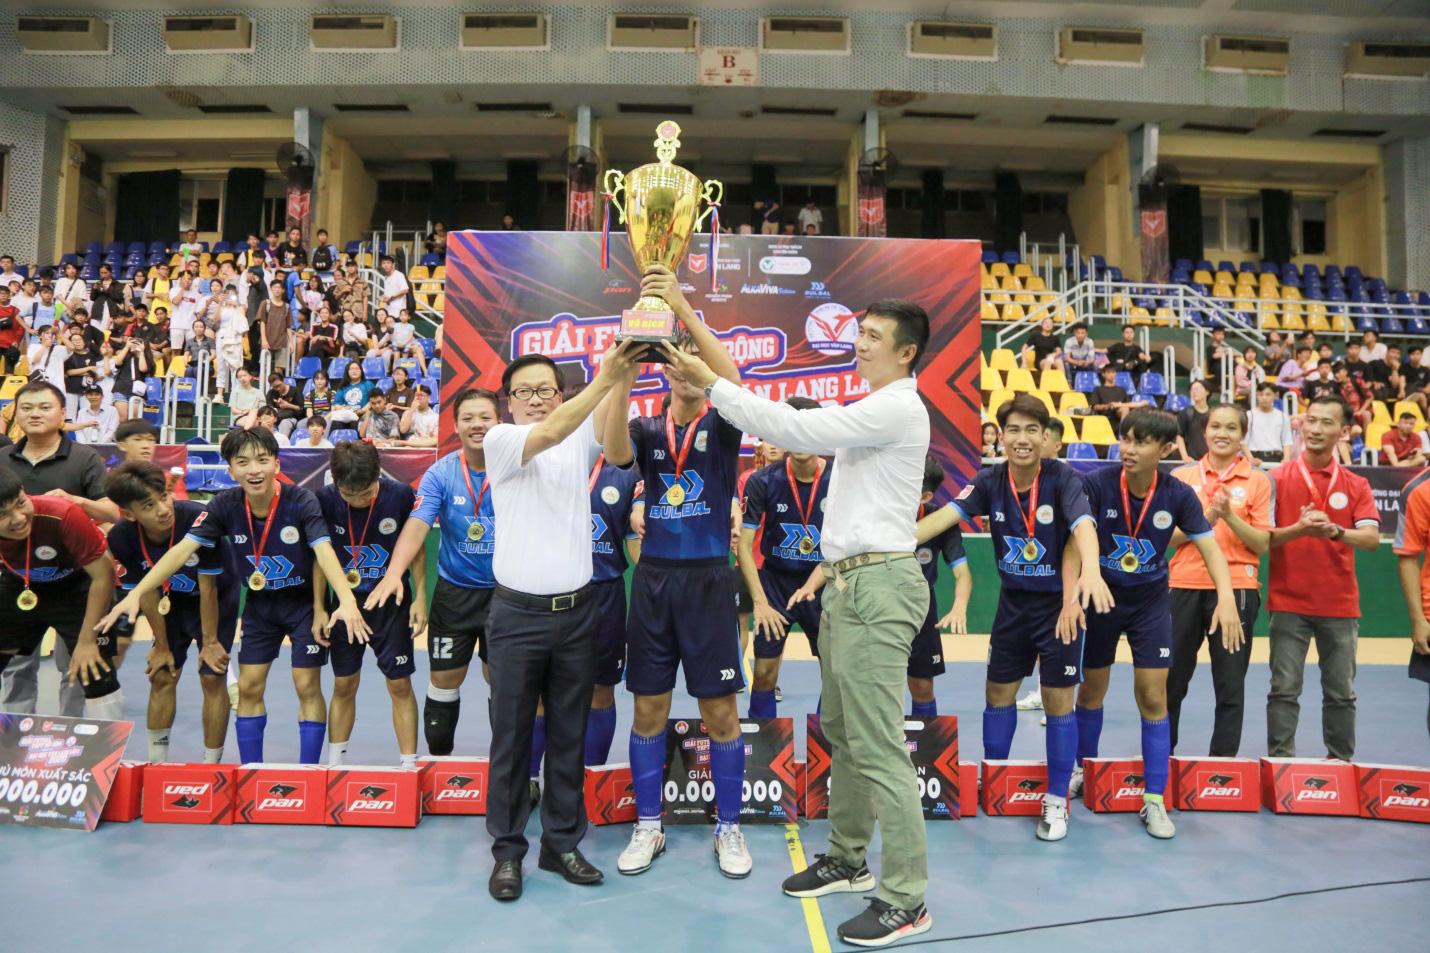 THPT Thanh Đa vô địch Giải Futsal học sinh THPT mở rộng tranh cúp ĐH Văn Lang năm 2020 - Ảnh 1.